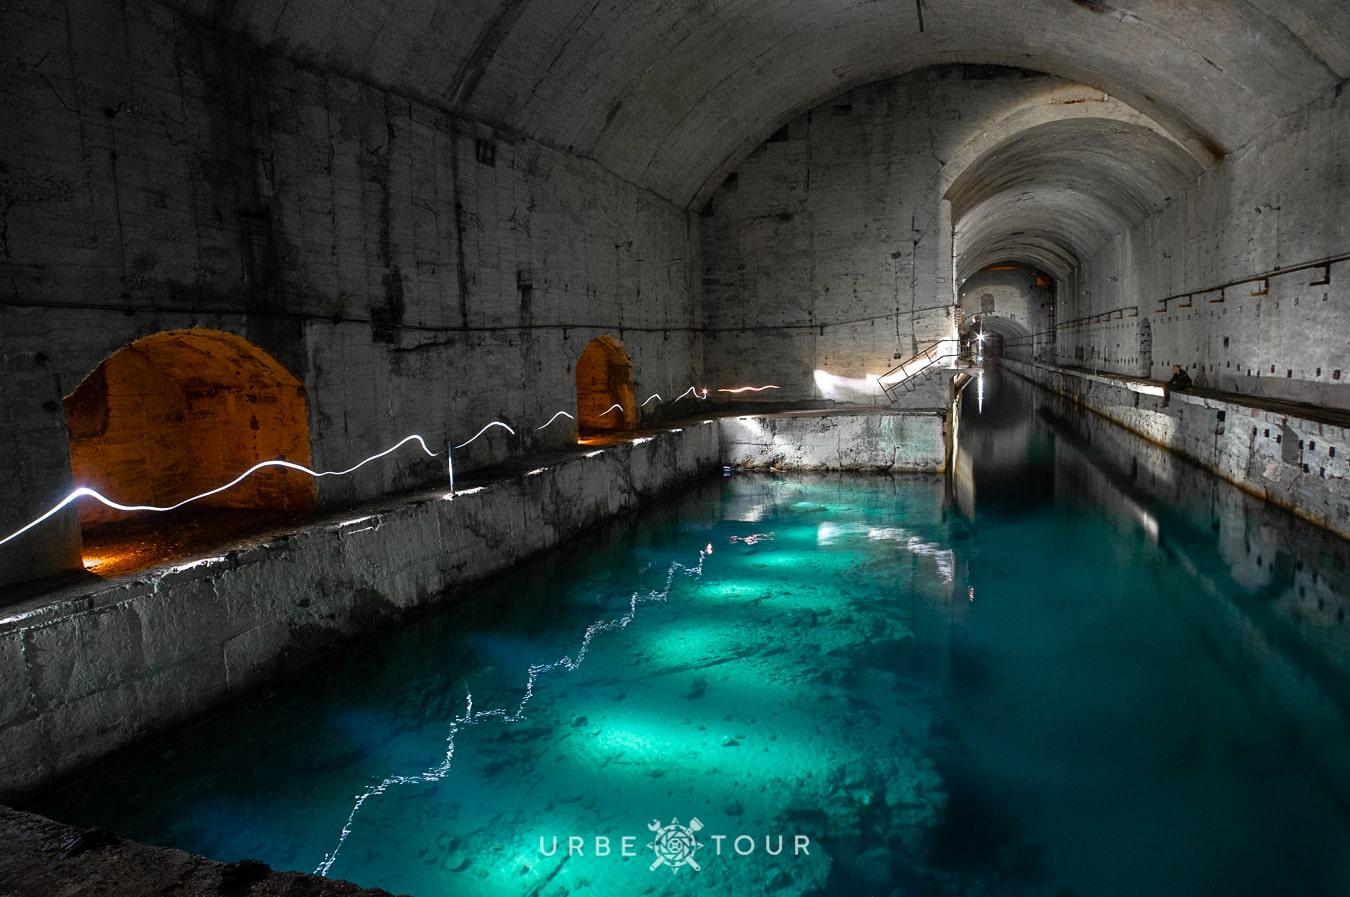 porto-palermo-submarine-base-albania-4 Подземная база для подводных лодок в Порто Палермо, Албания